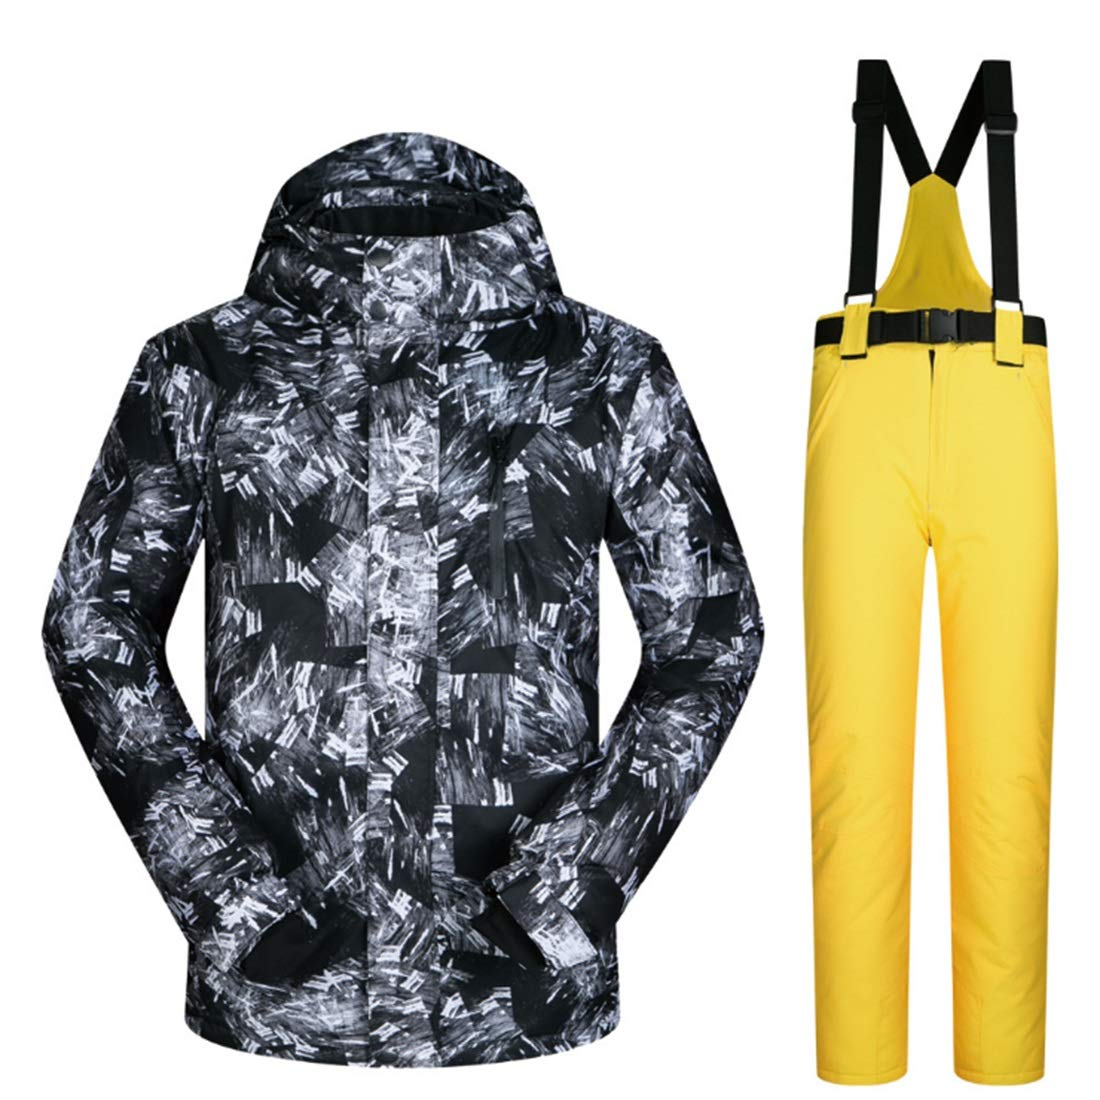 Nalkusxi Outdoor Escursionismo Neve Sport Sci Giacca e Pantaloni Pantaloni Pantaloni Snow Suit (Coloree   05, Dimensione   XXXL)B07KQ6K8ZKXXL 04 | Prezzo Pazzesco  | The Queen Of Quality  | Diversified Nella Confezione  | Materiali Di Altissima Qualità  | Bassi costi  | 71d51c